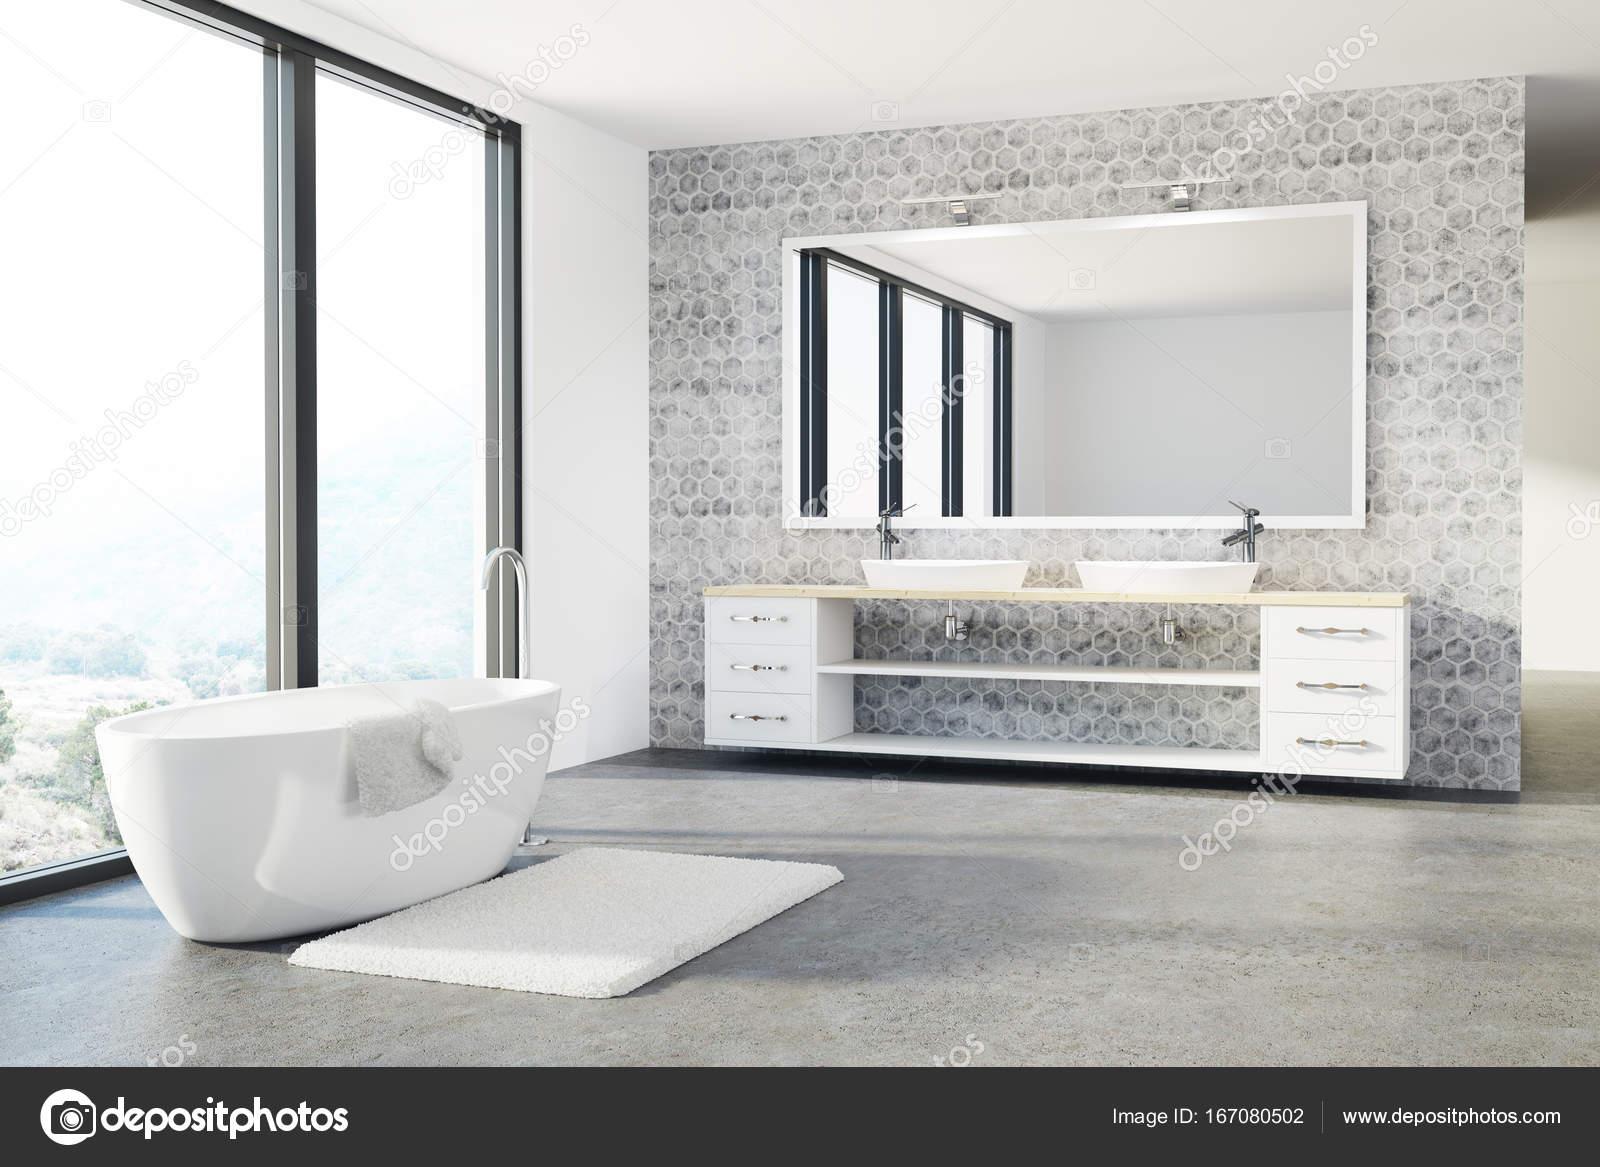 Betonfußboden Im Bad ~ Beton weiße wanne waschbecken bad dachboden u2014 stockfoto